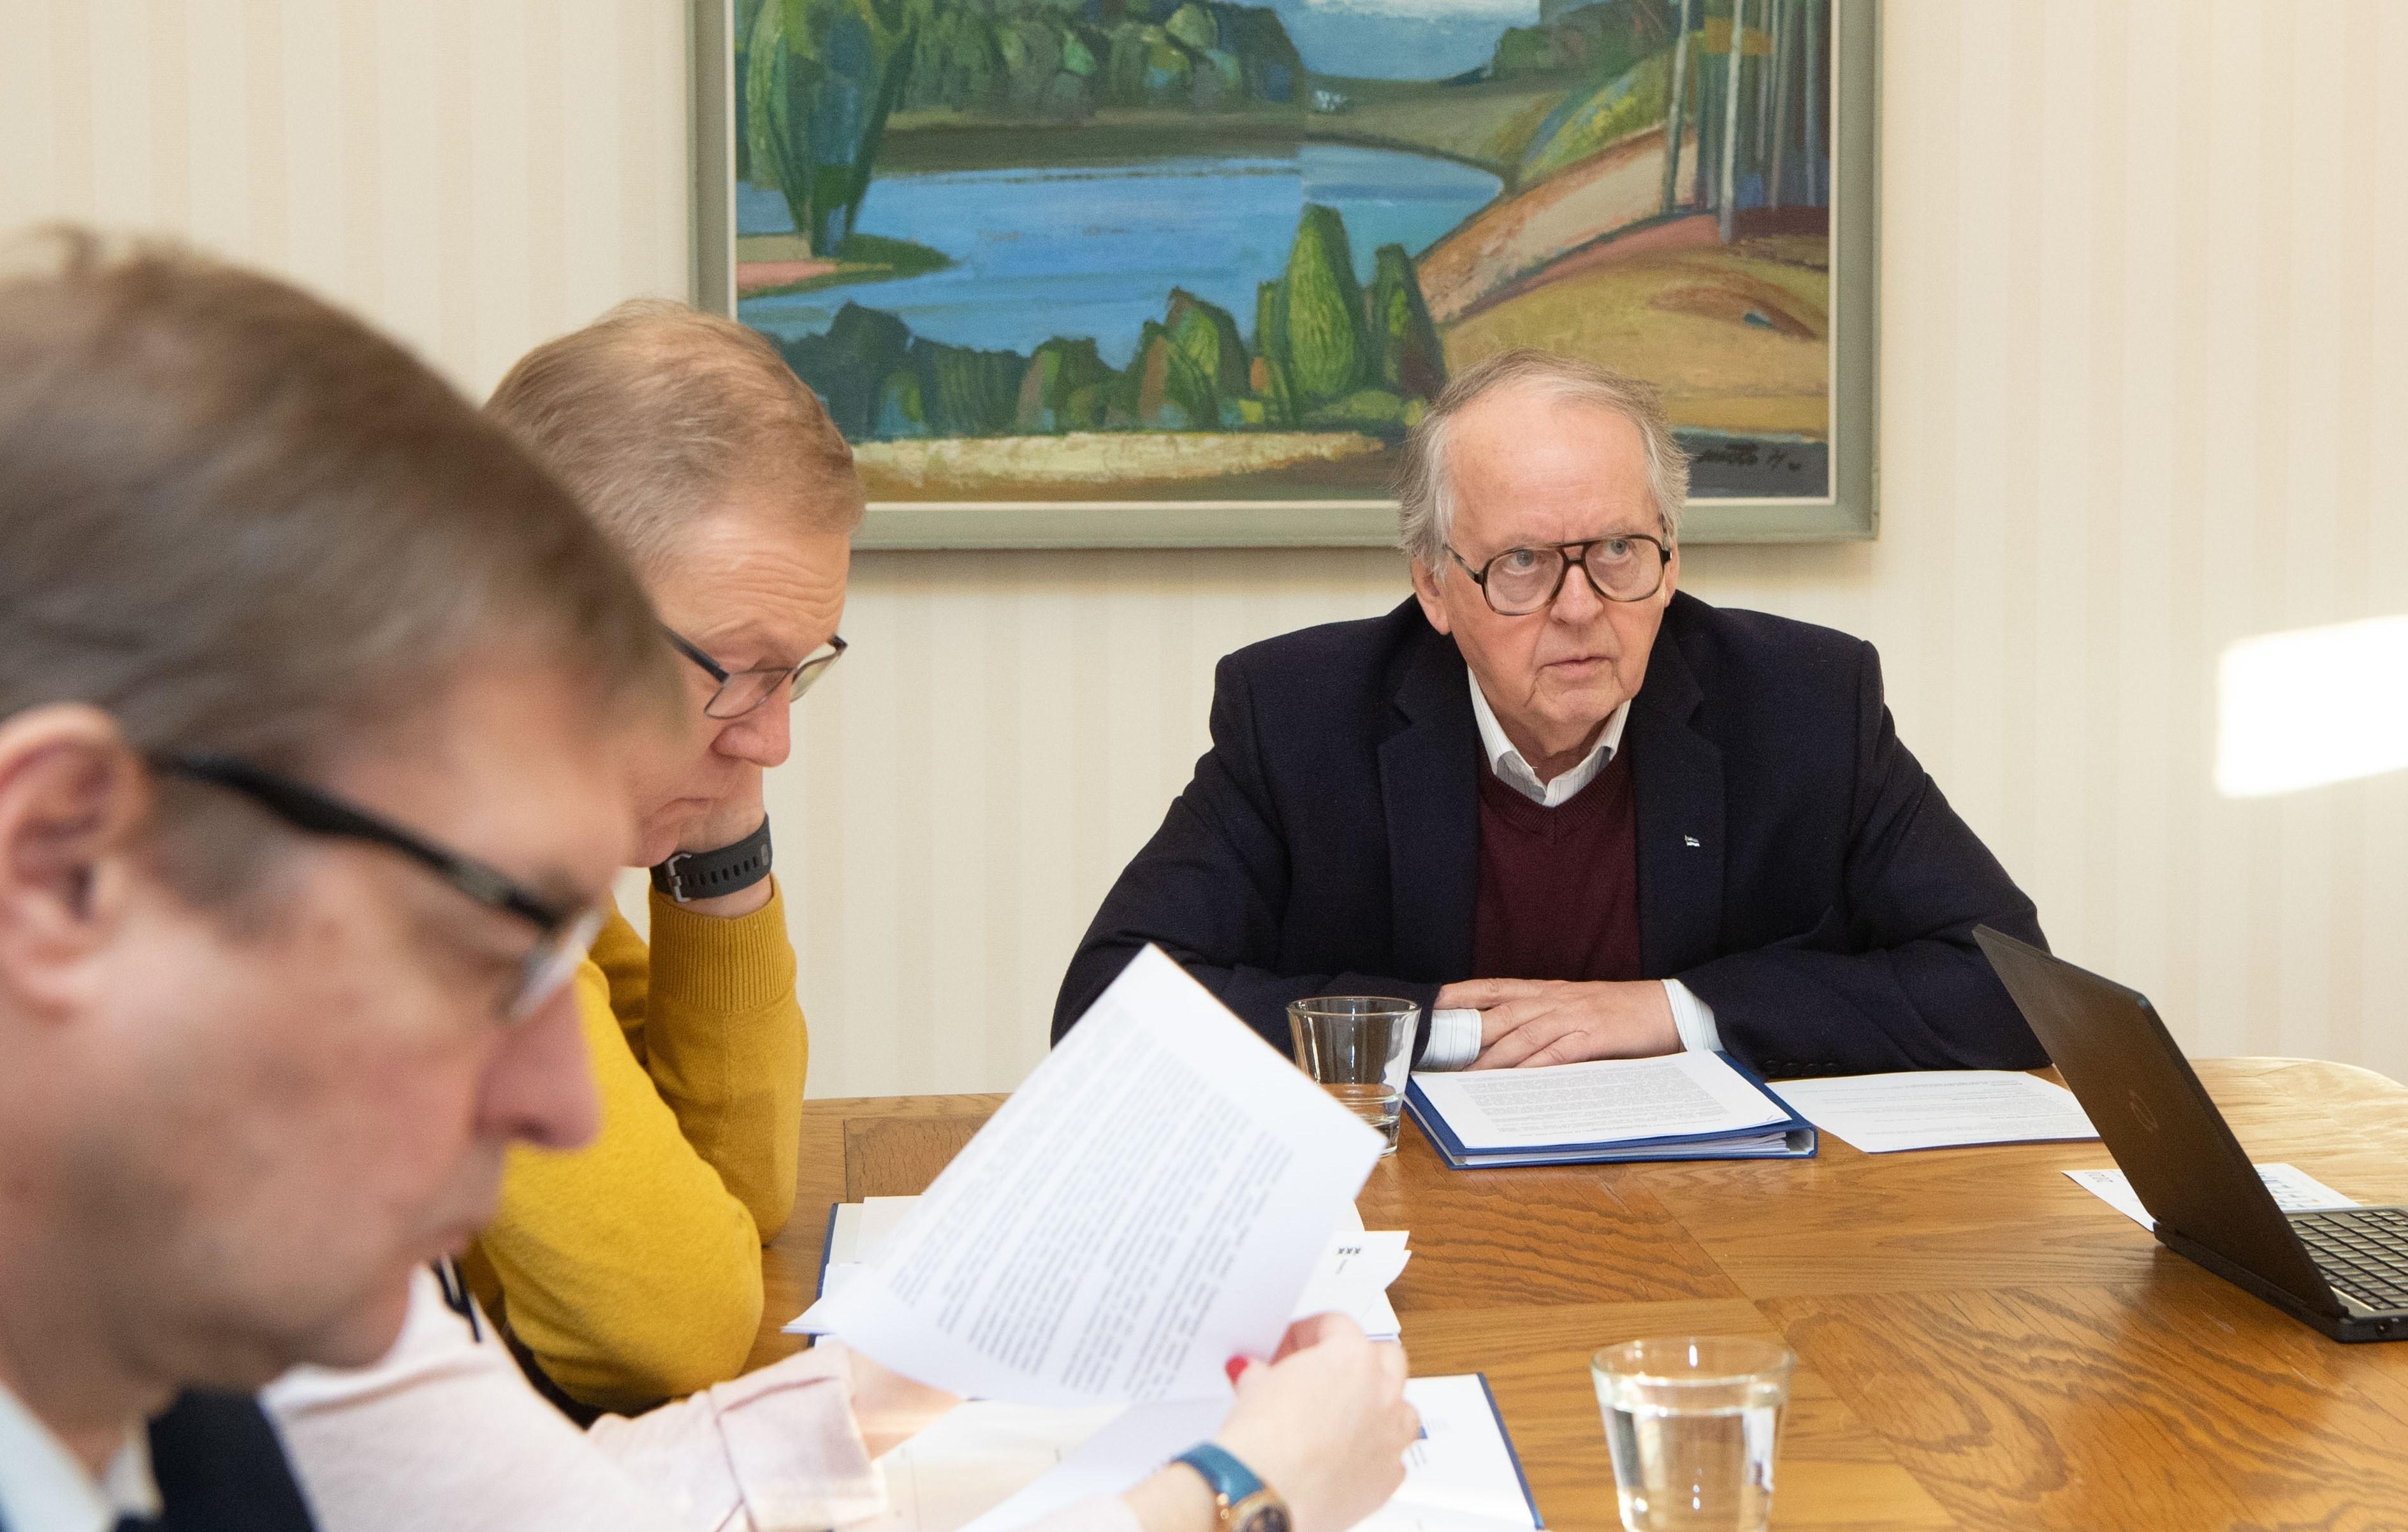 Väliskomisjon arutas Riigikogu esimehega välissuhtlemise põhimõtteid